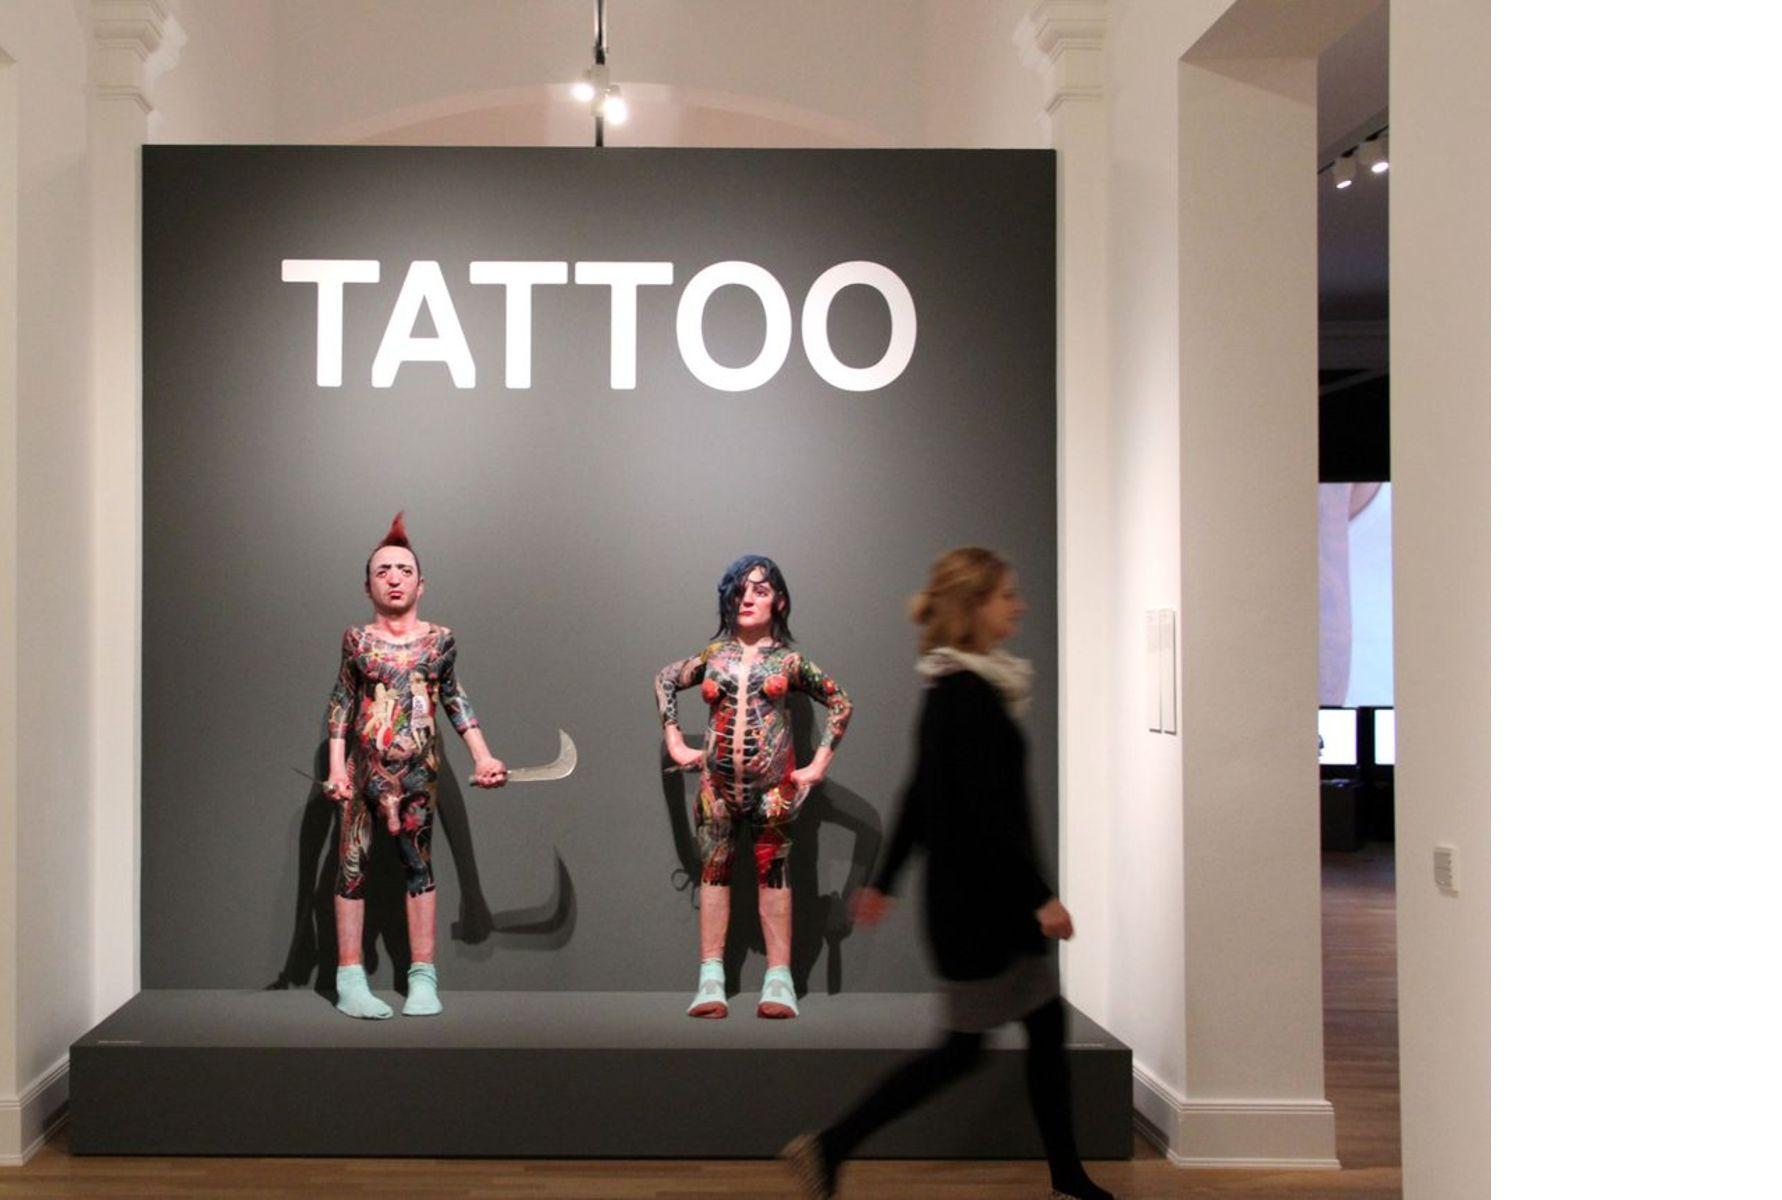 9c6e862f9 Tattoo exhibition at the Museum fuer Kunst und Gewerbe Hamburg ...